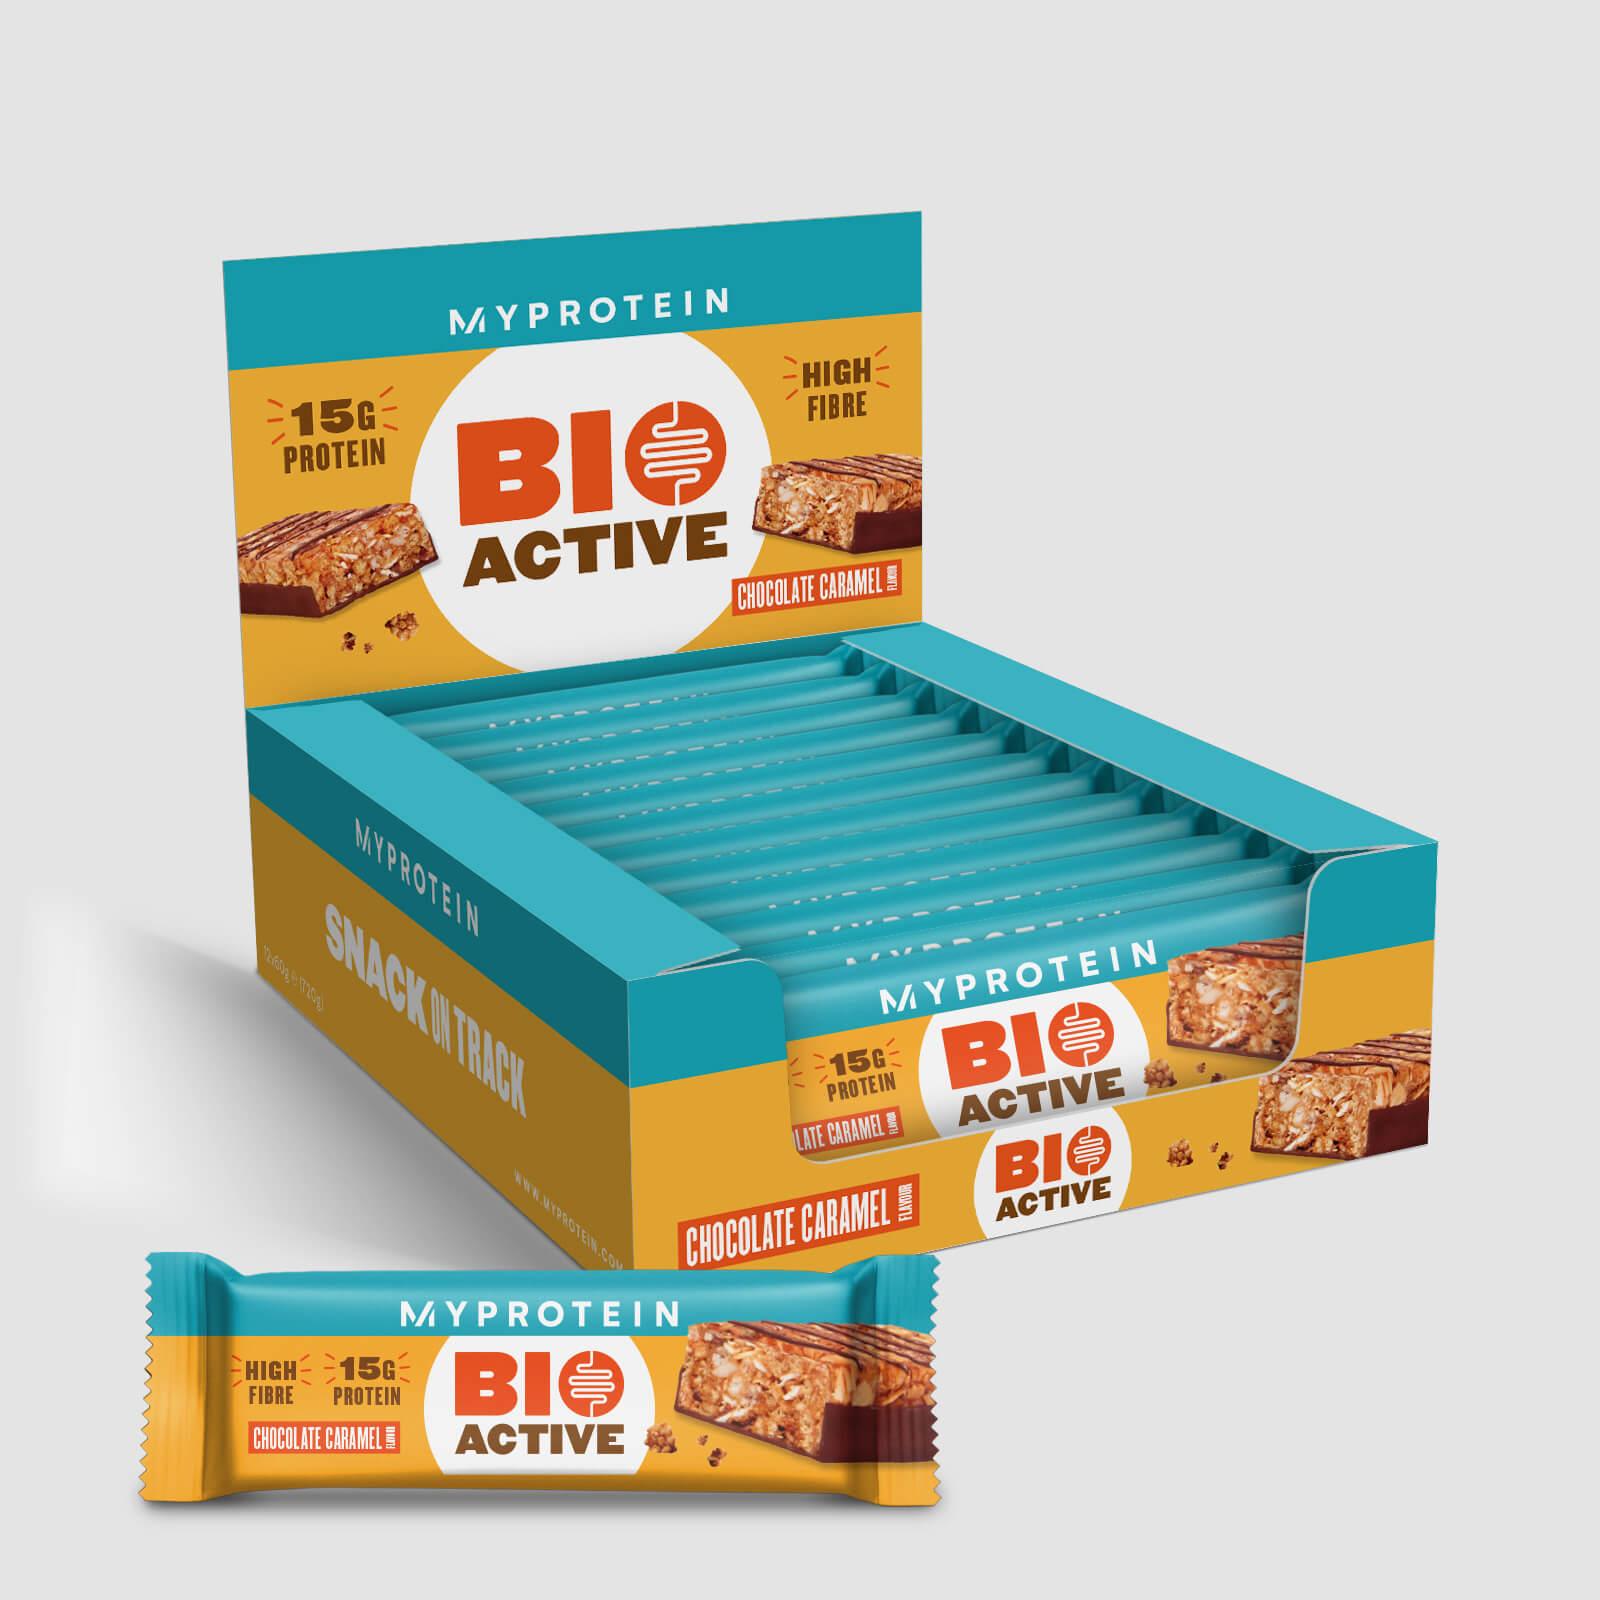 Батончик Bioactive - 12 x 60g - Шоколадная карамель